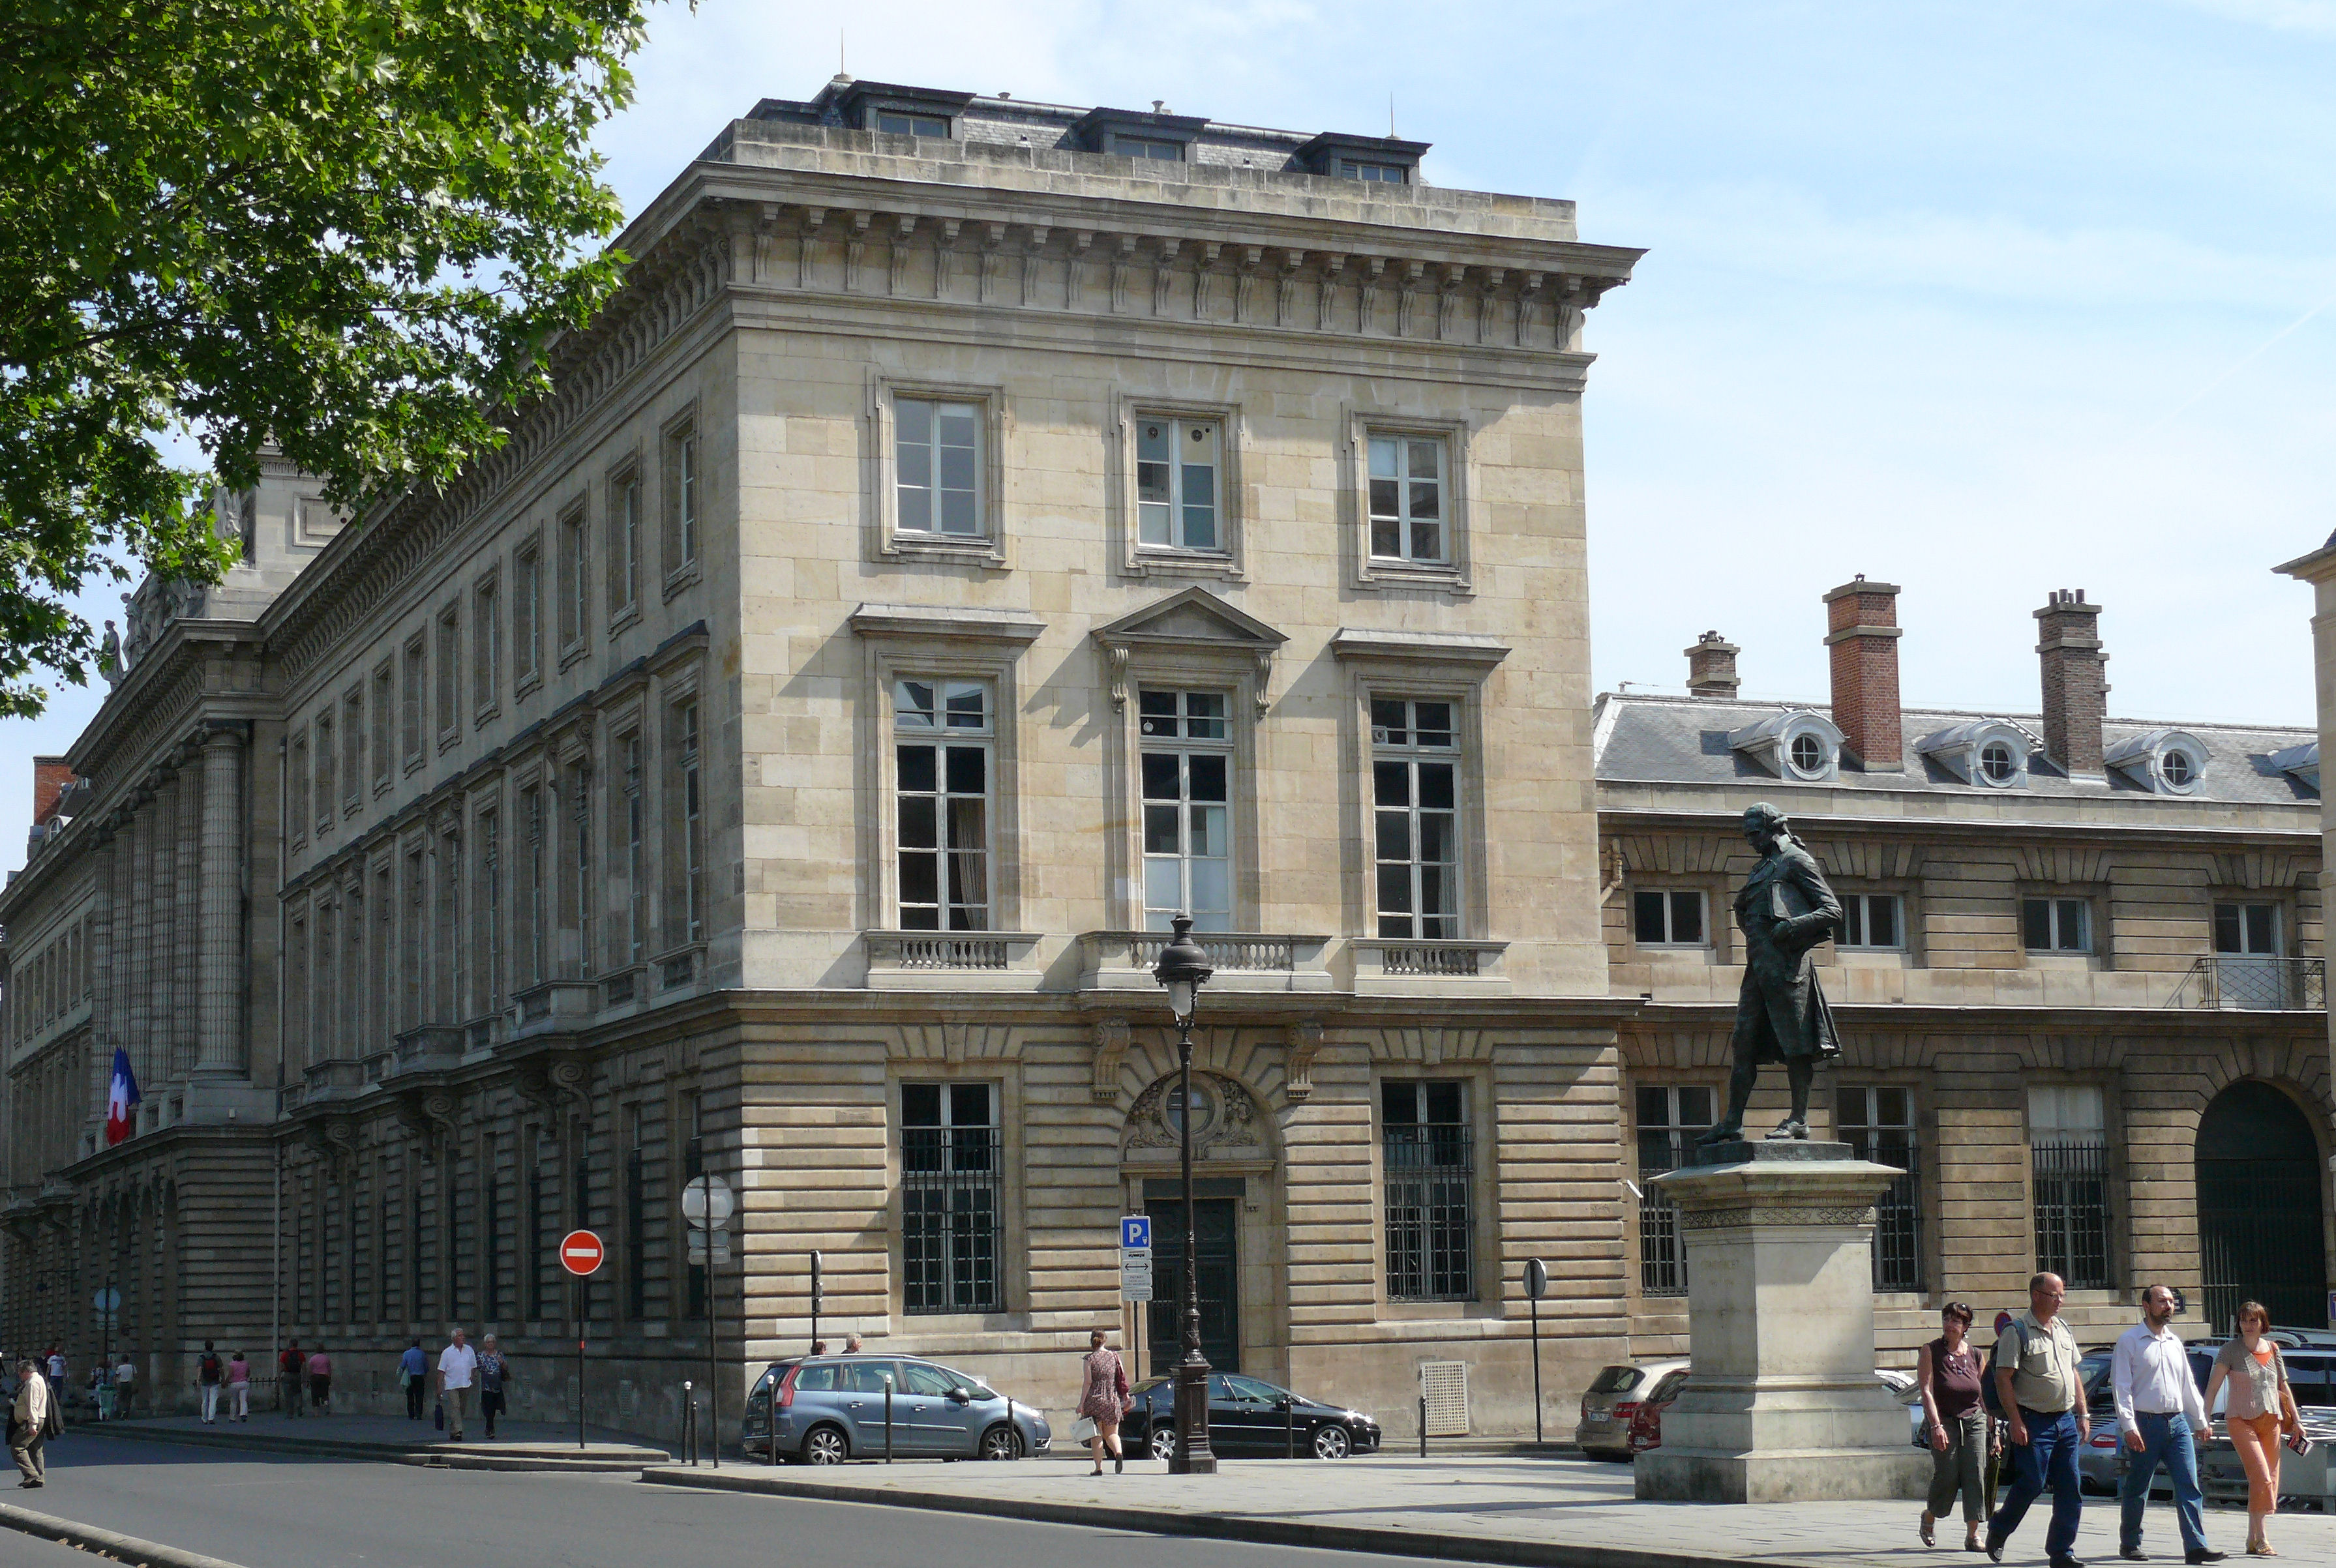 File paris 6 h tel de la monnaie 186 jpg wikimedia commons - Hotel de la monnaie ...